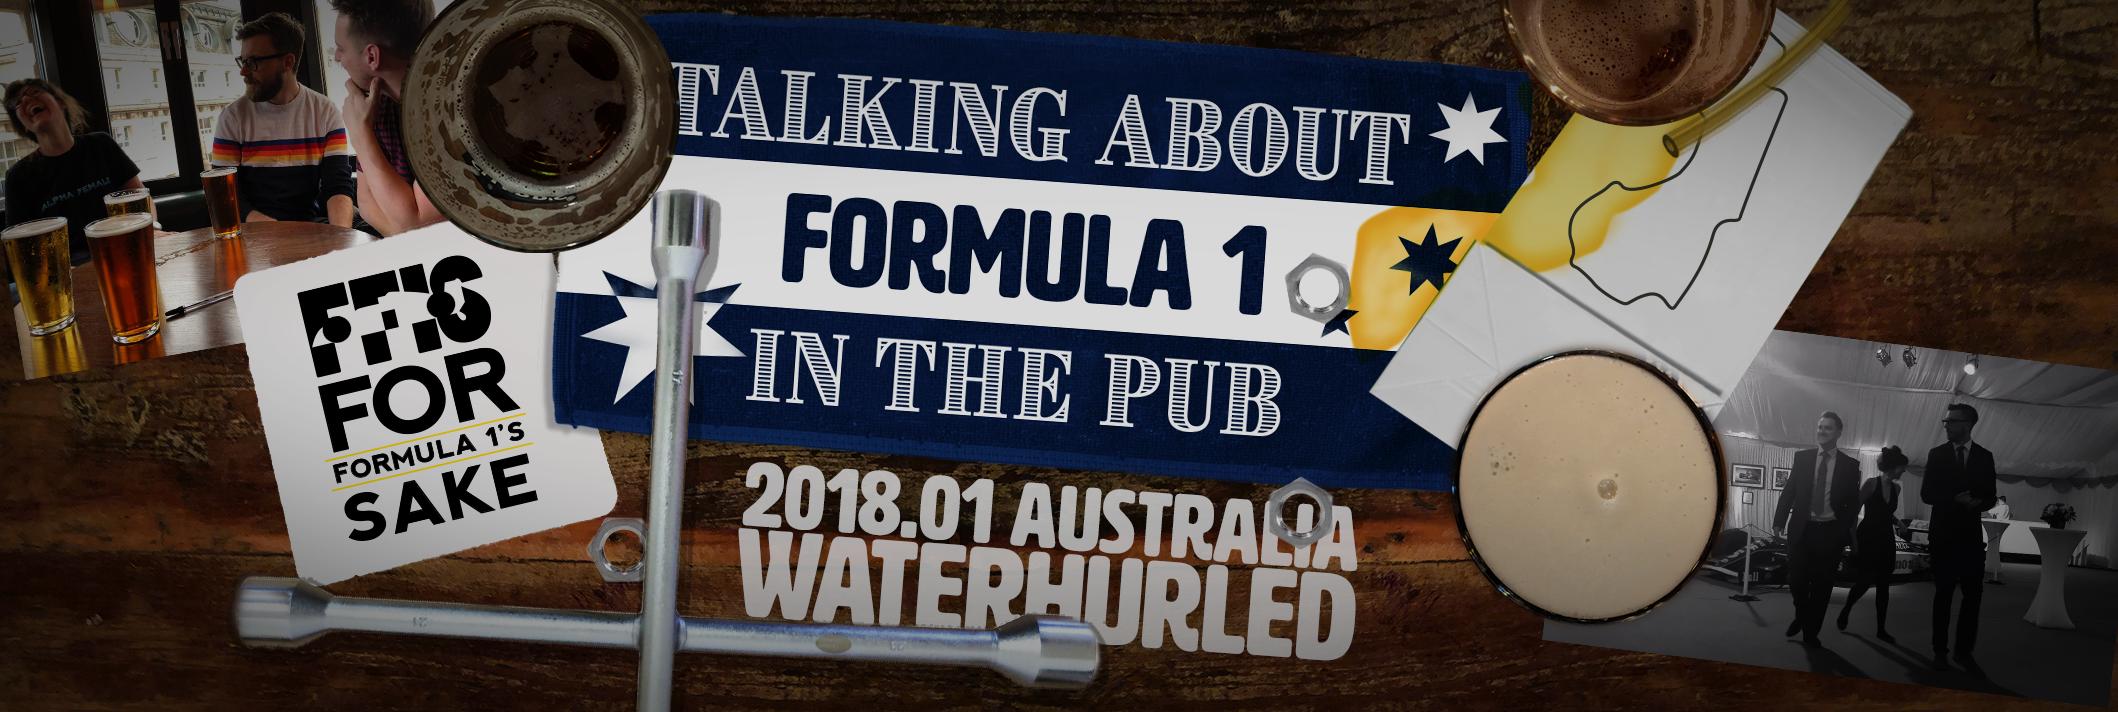 FF1S 2018.01 Australia.png